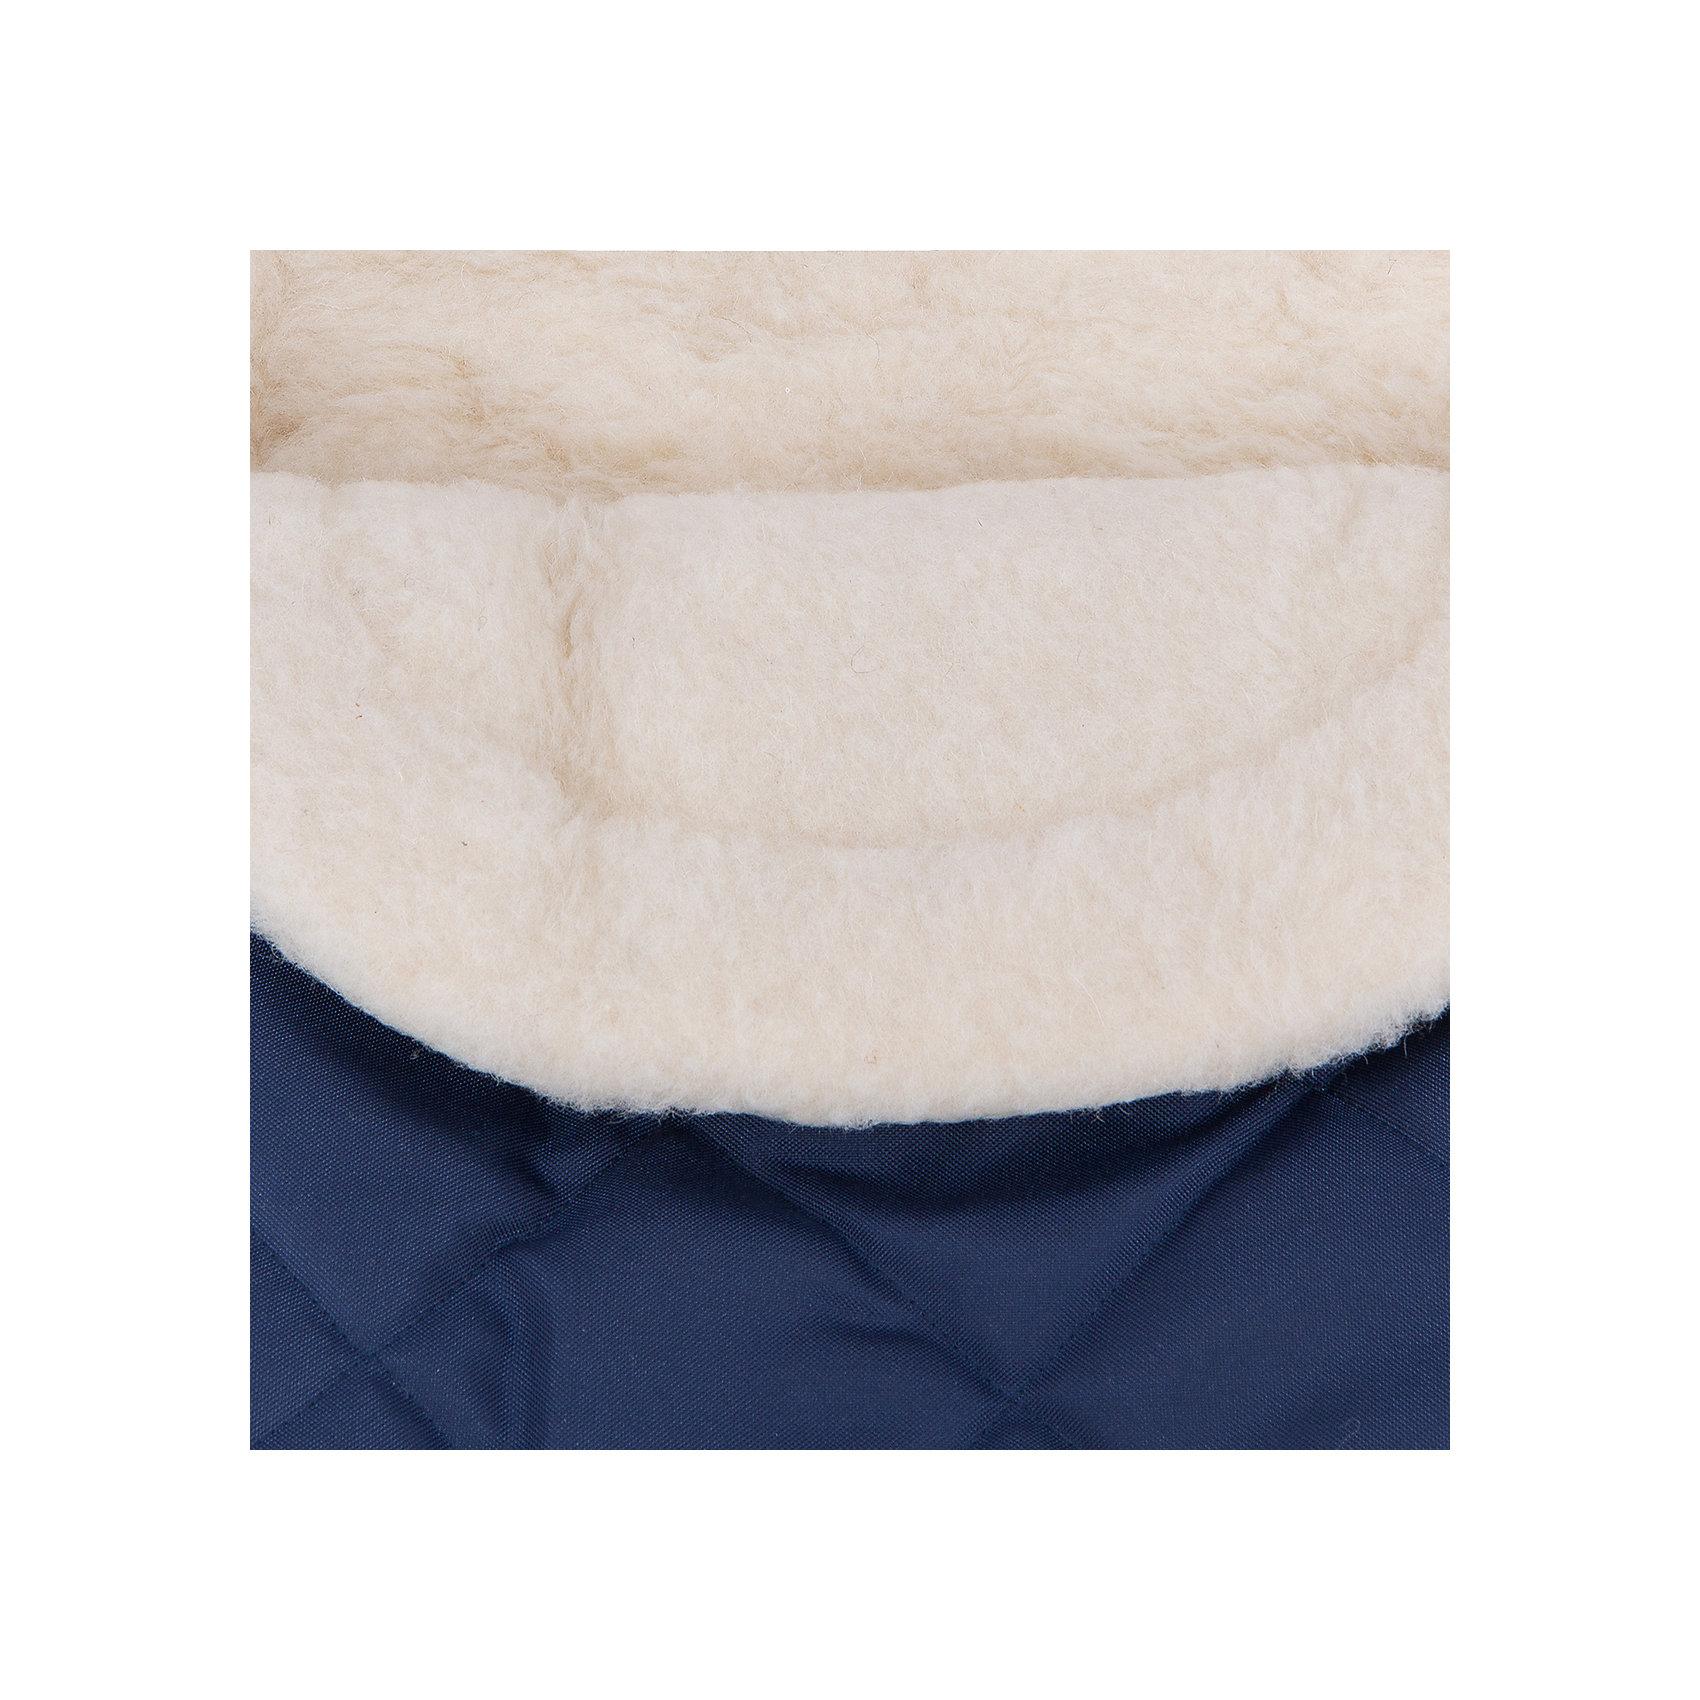 Конверт зимний №63 Exclusive, 95*50, шерсть, Womar, темно-синий